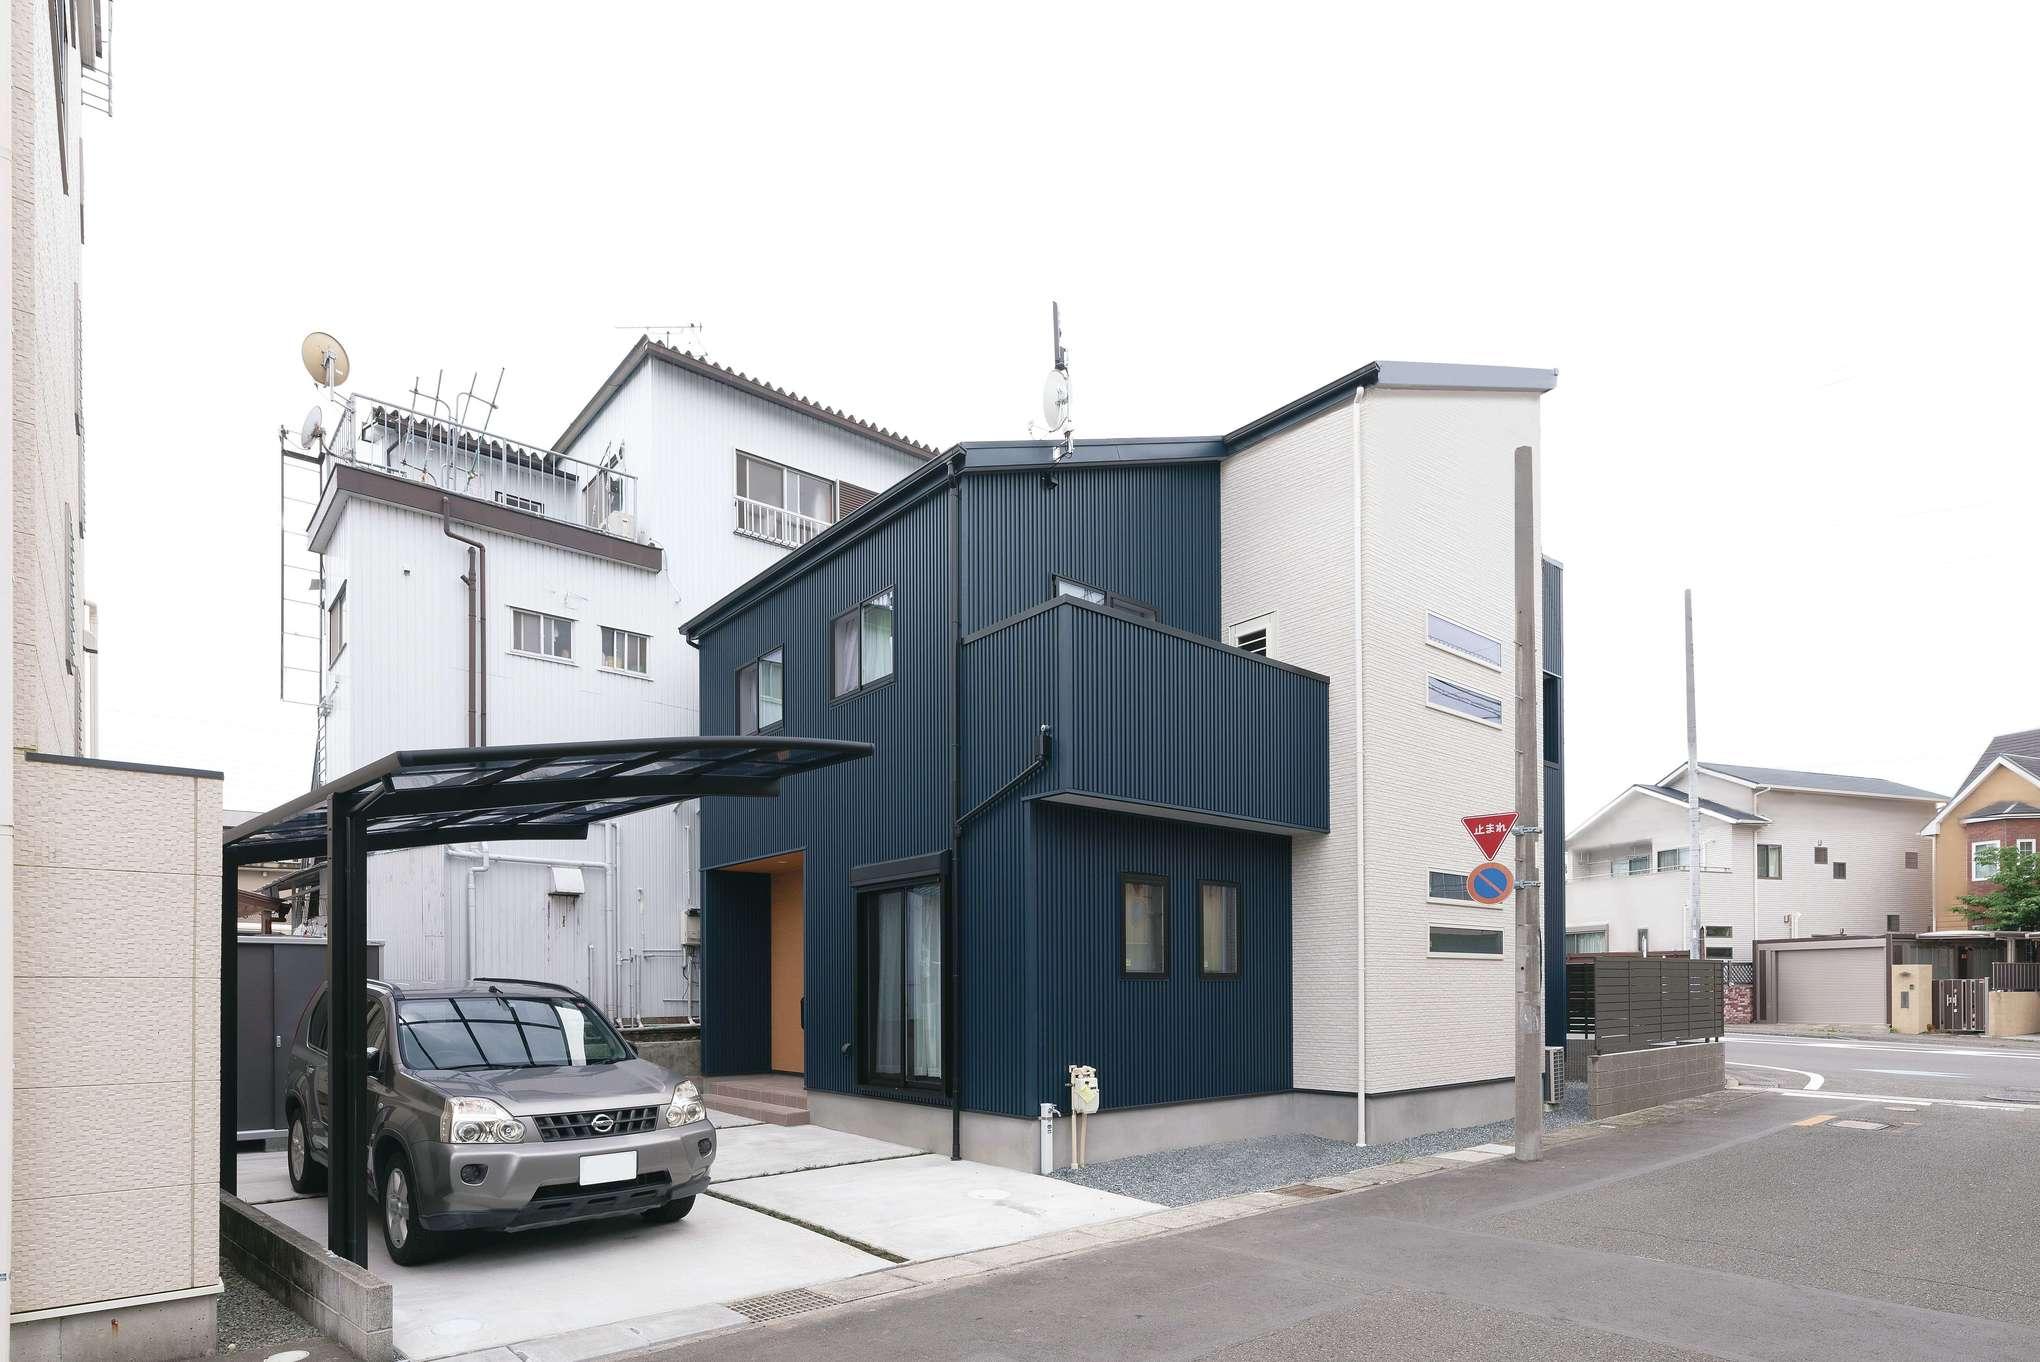 外壁はブルーのガルバリウムとサイディングのツートン。片流れの屋根と横スリット窓が外観のアクセントに